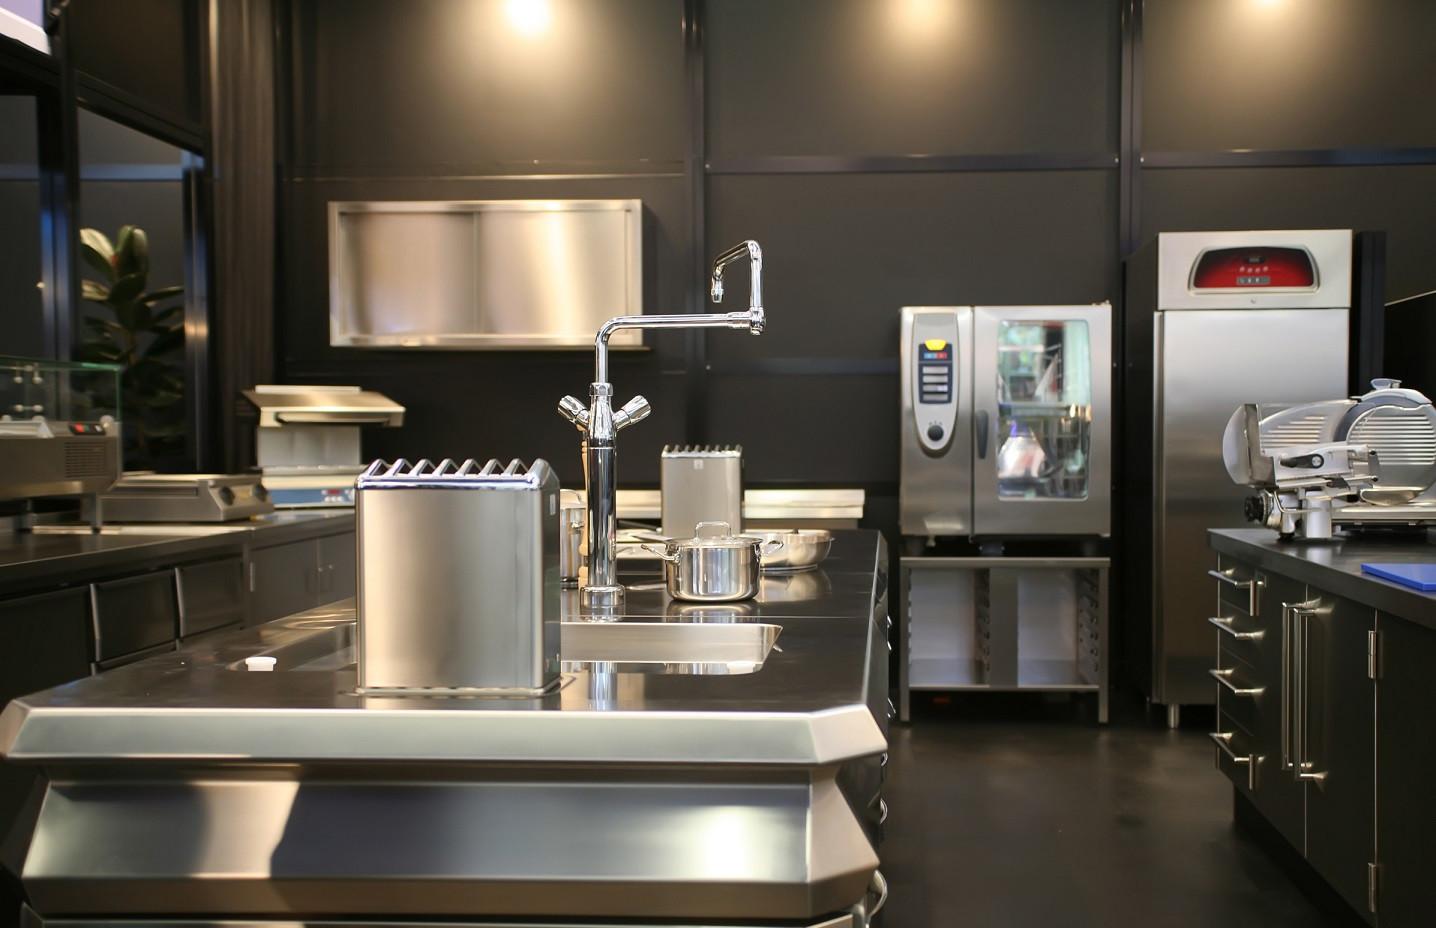 Hygienisch saubere Gastronomieküche als Verweis auf die MüllerGartner Stammkunden.